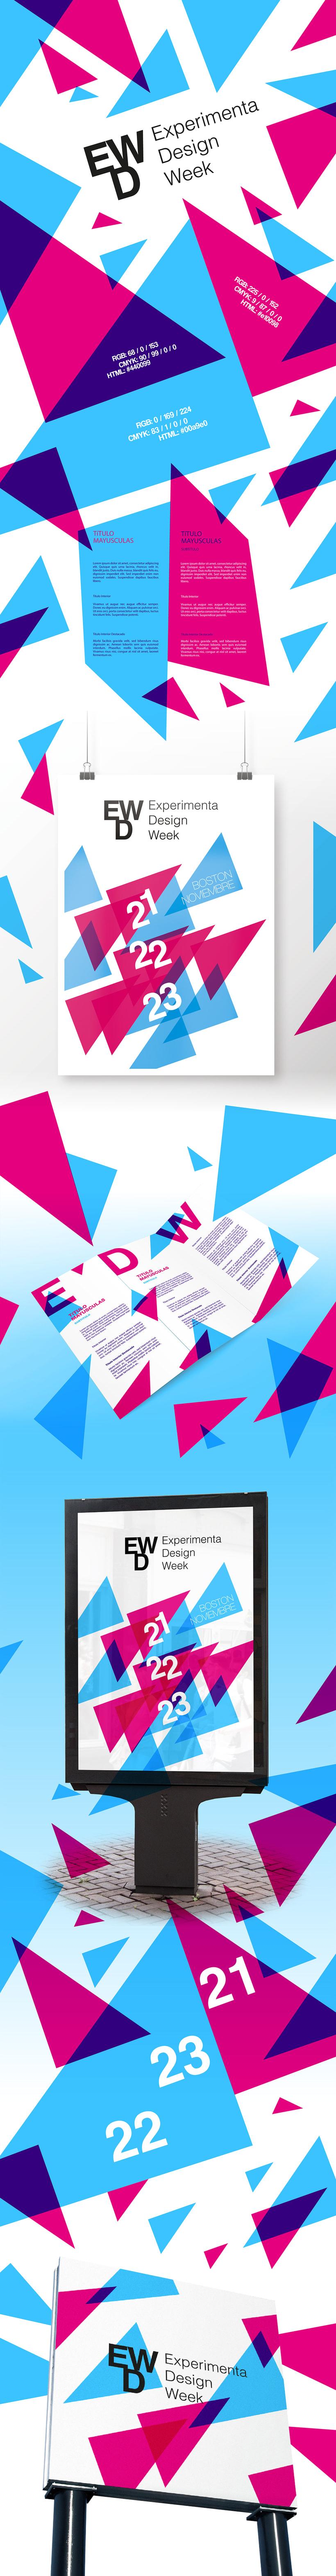 Experimenta Design Week -1